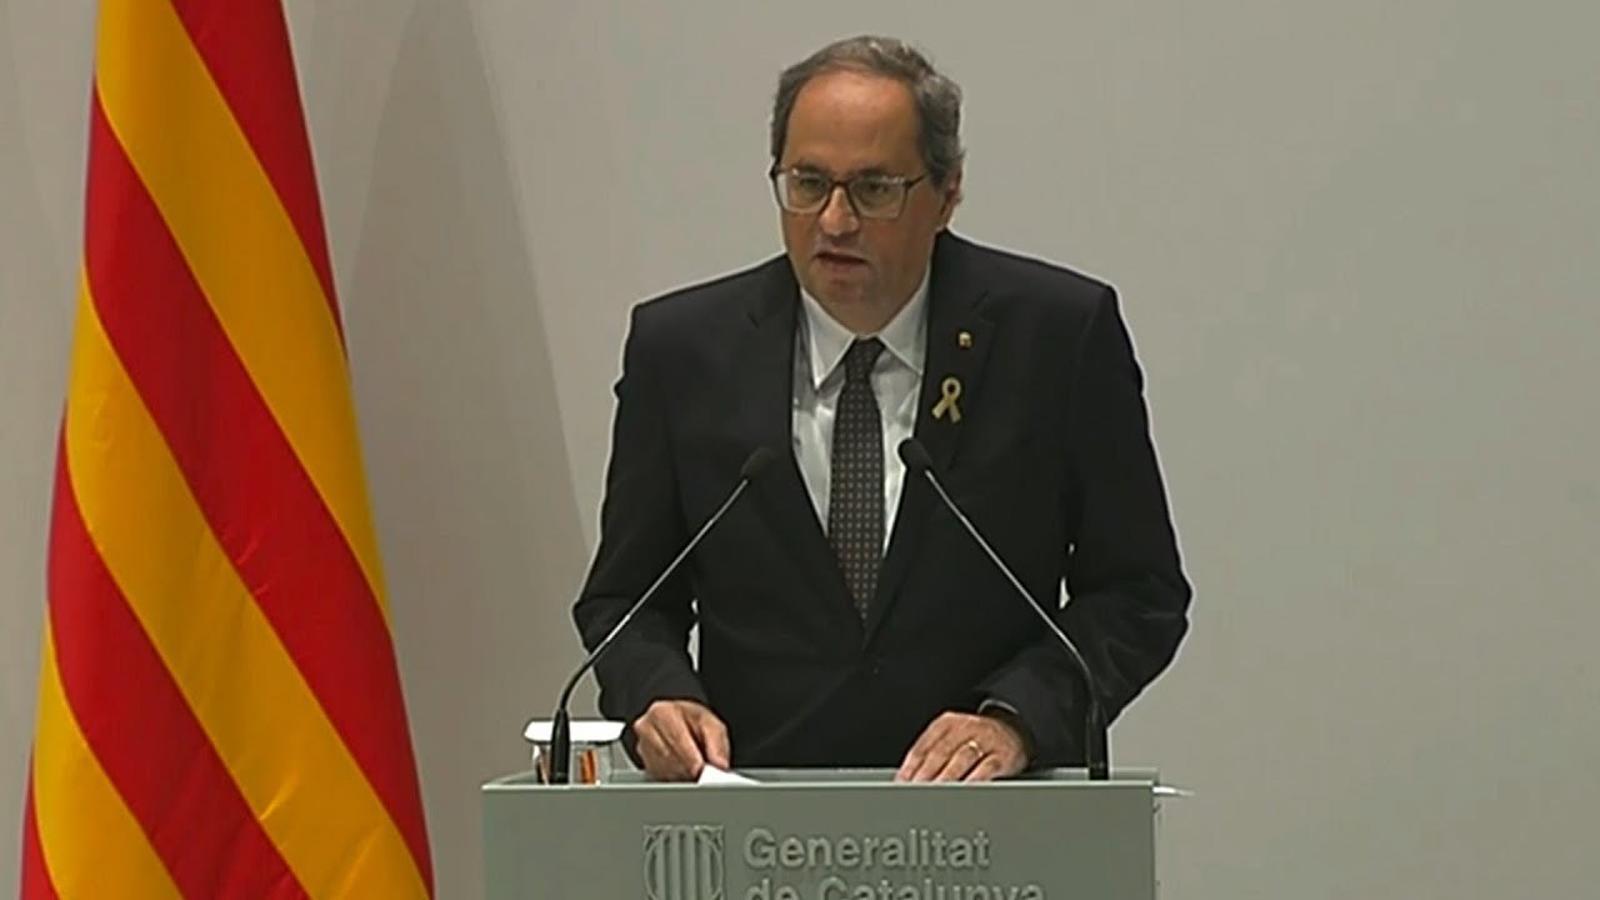 Declaració institucional Quim Torra, 20 de setembre del 2018